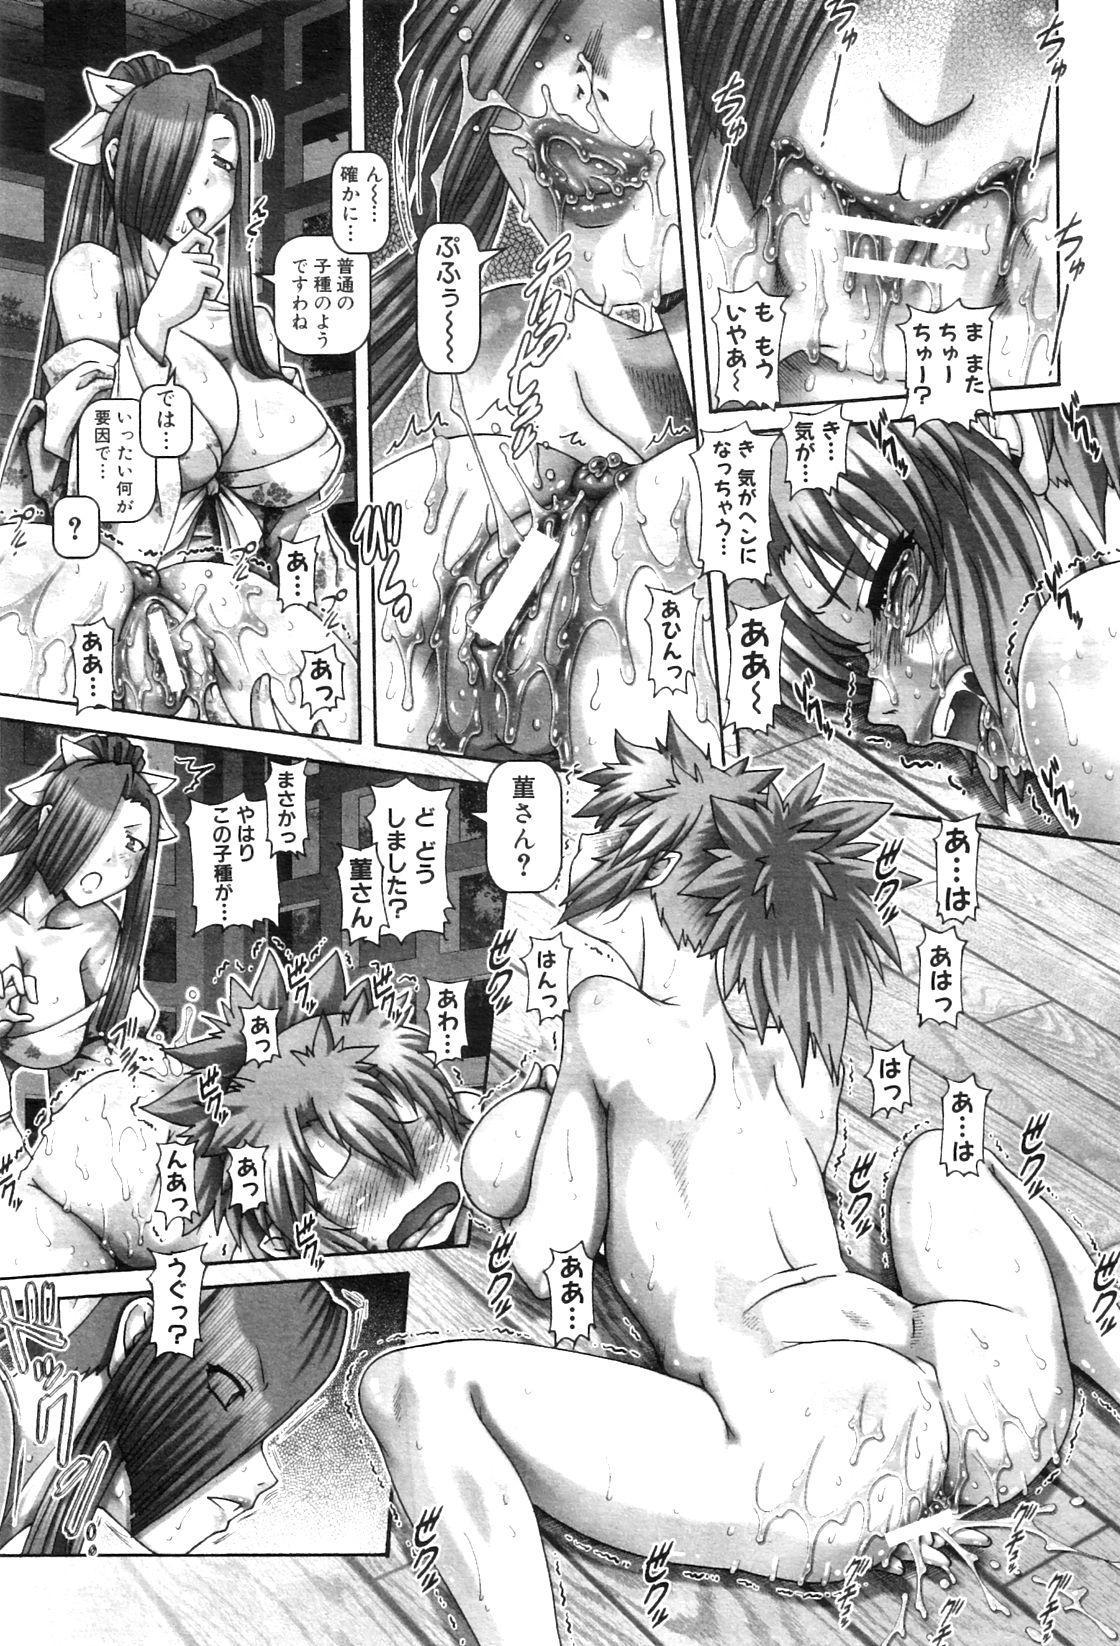 Ayakashiyakata no Tamahime 40